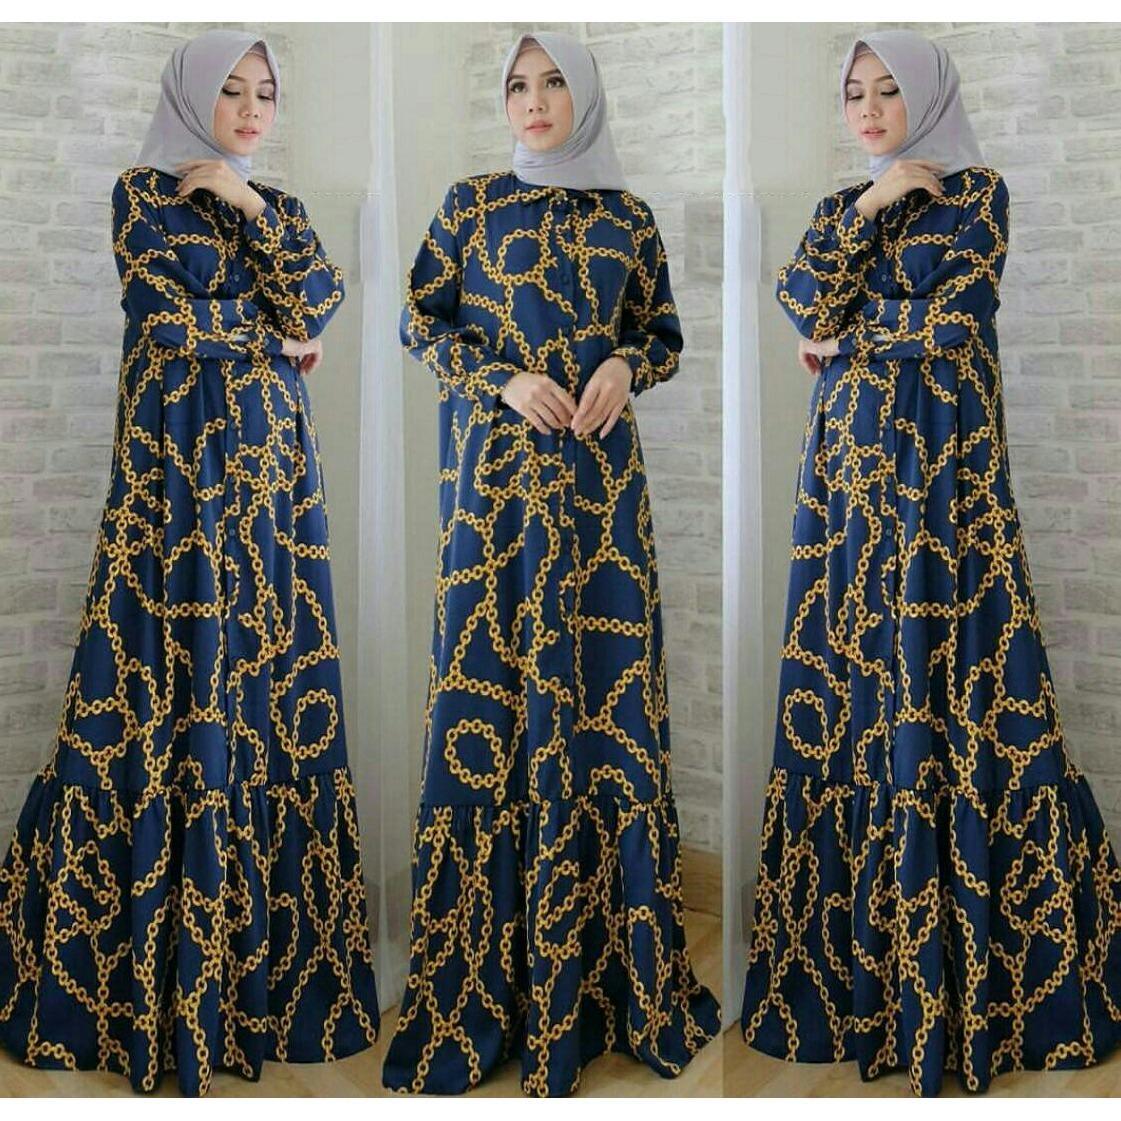 J&C Dress Maxy Rantai / Gamis Muslim / Dress Maxi / Jumbo Dress / Maxi Jumbo / Maxi Muslim / Maxi Dress / Dress Muslim / Busana Muslim / Baju Muslim / Setelan Muslim / Hijab Fashion / Hijab Style